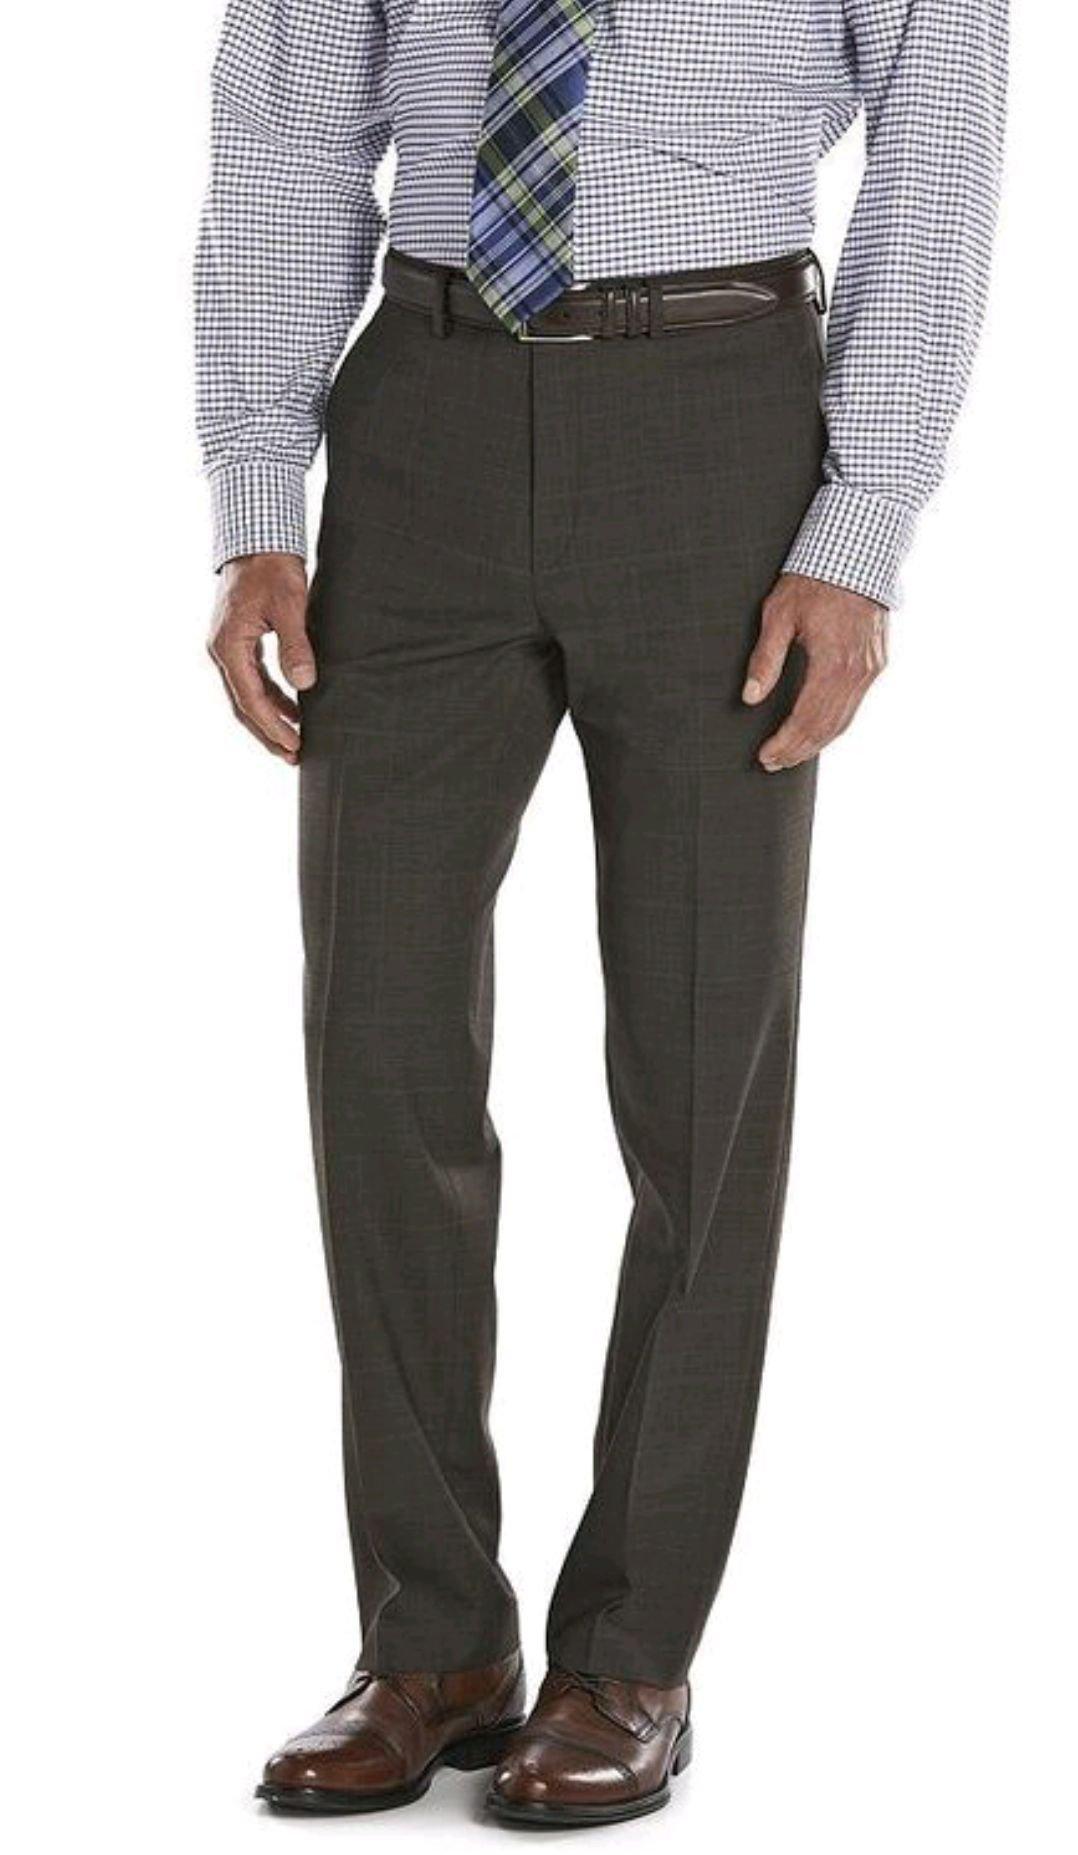 Chaps Men's Performance Comfort-Fit Wool-Blend Stretch Suit Pants, Olive (38W/29L) by Chaps